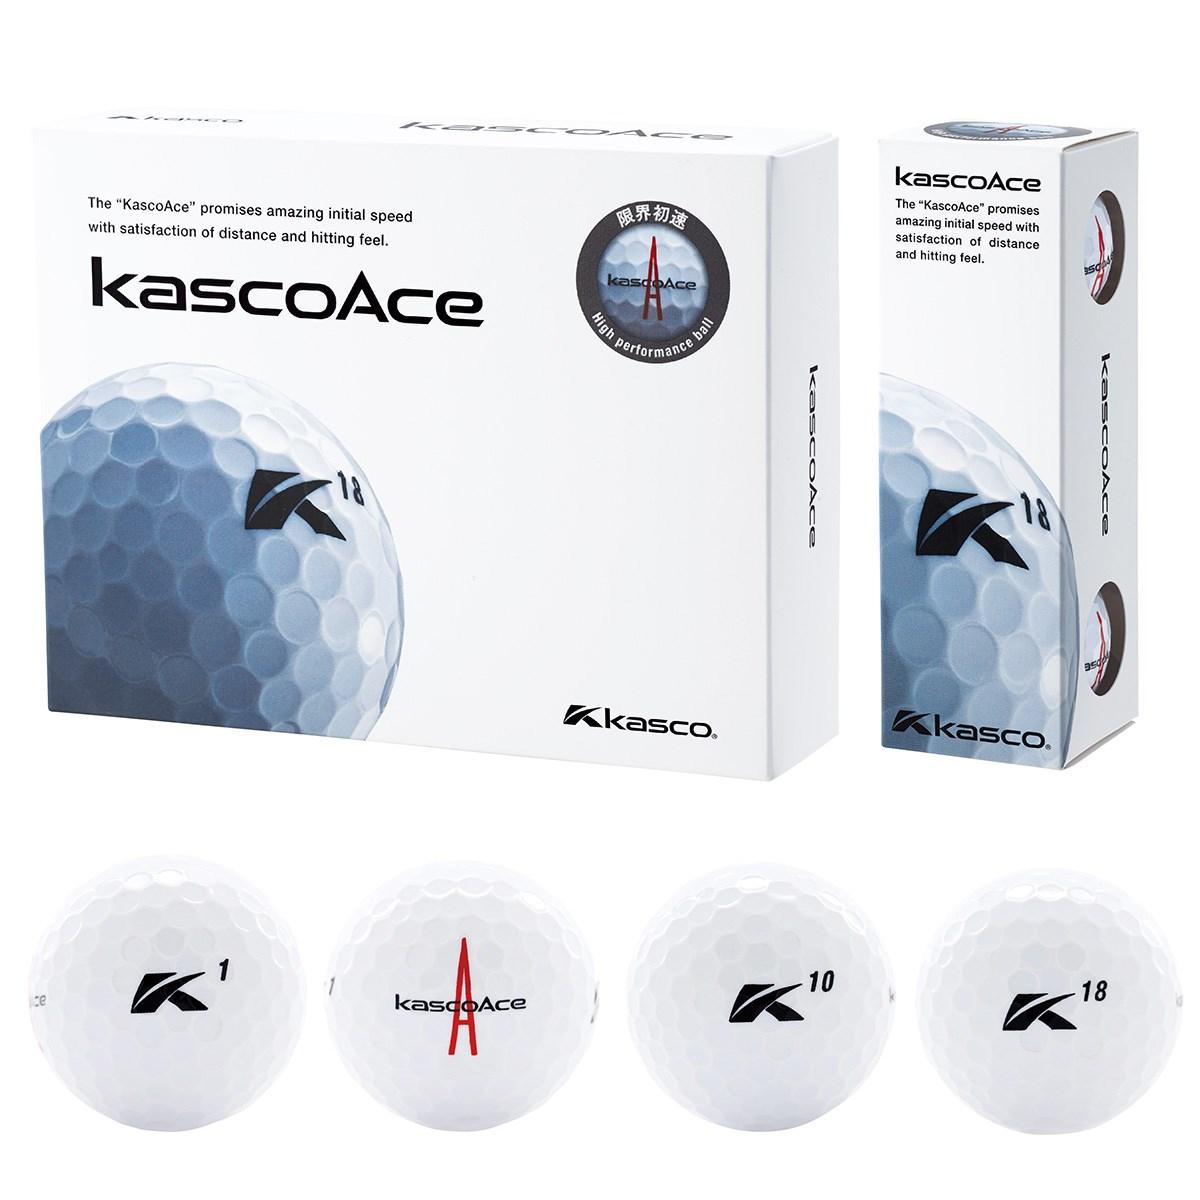 キャスコ kascoAce ボール